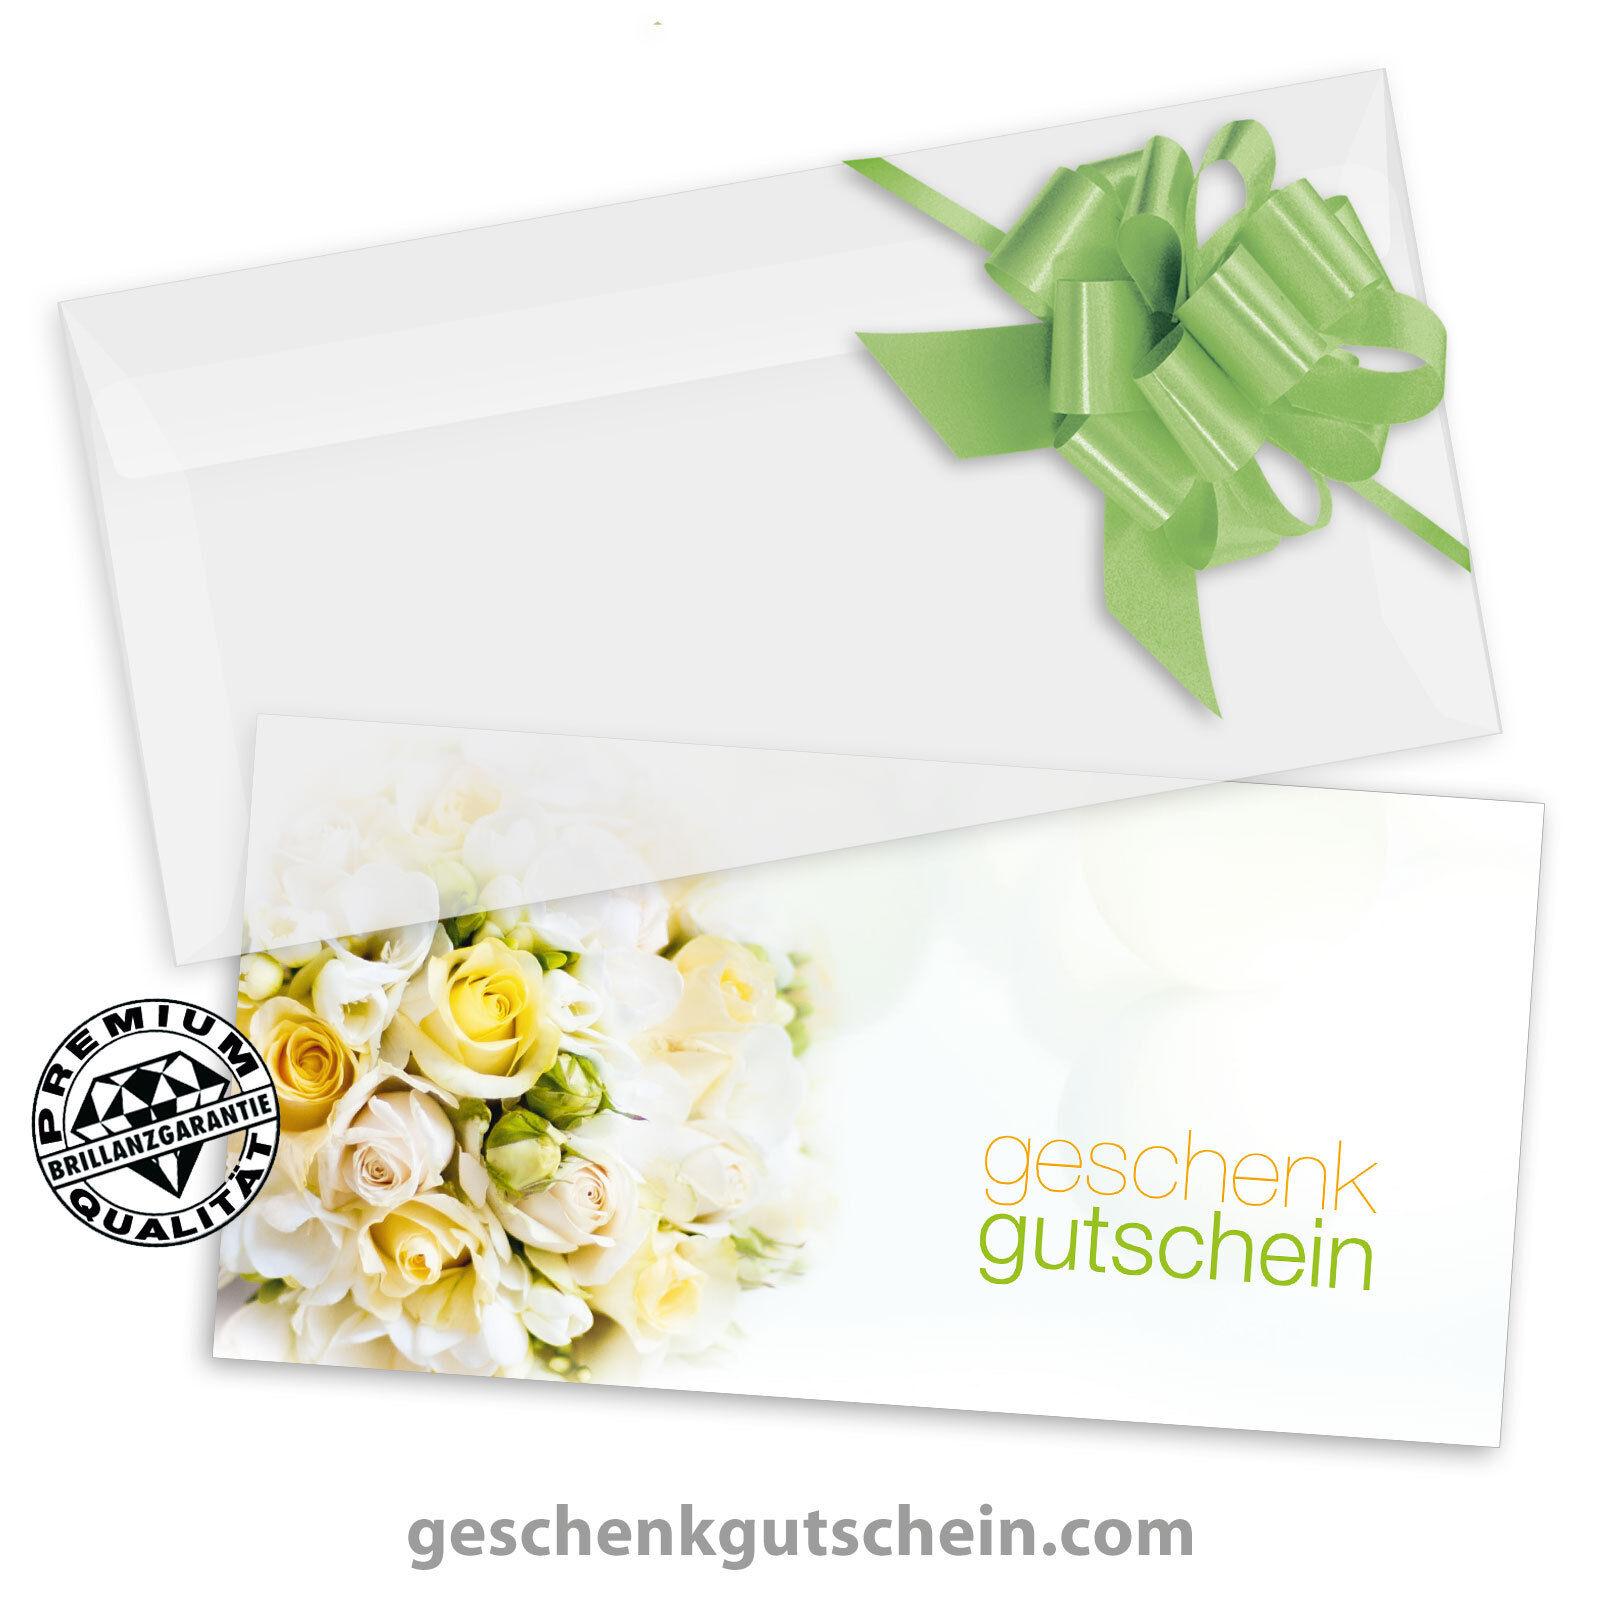 Gutscheinkarten  DINlang  mit KuGrüns und Schleifen für alle Anlässe BL9233